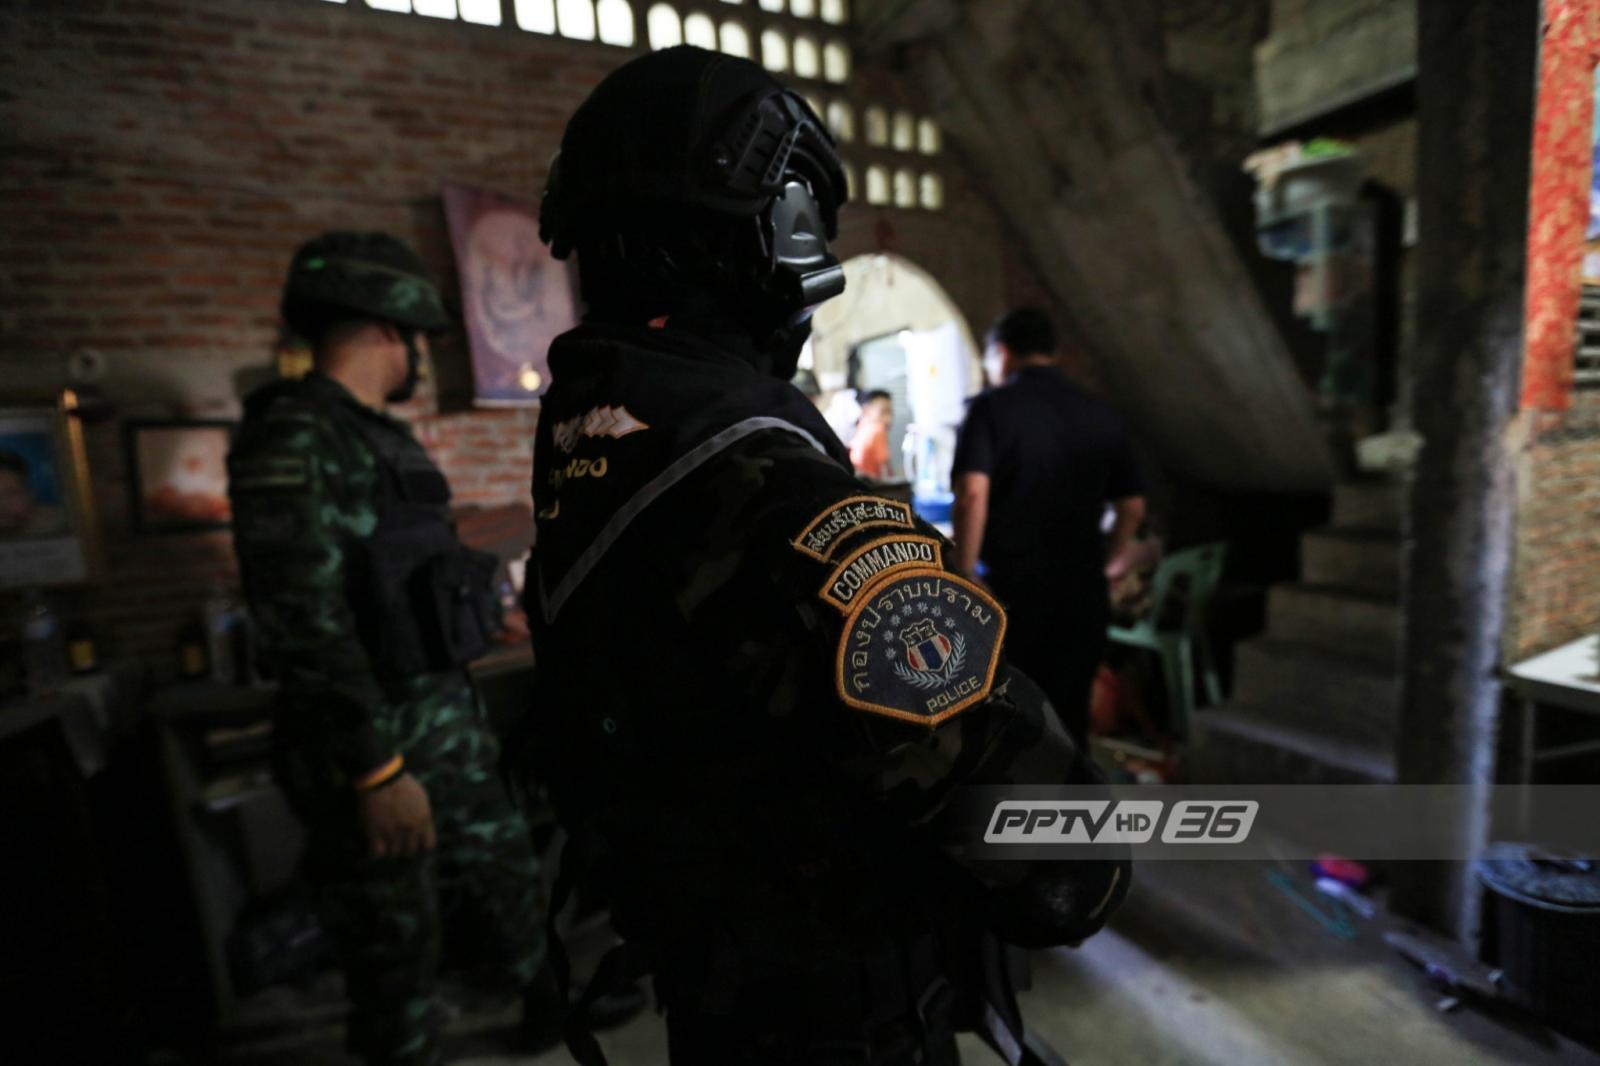 ป.ป.ส.-คอมมานโด บุกค้นแหล่งยาเสพติดทั่วกรุง 19 จุด